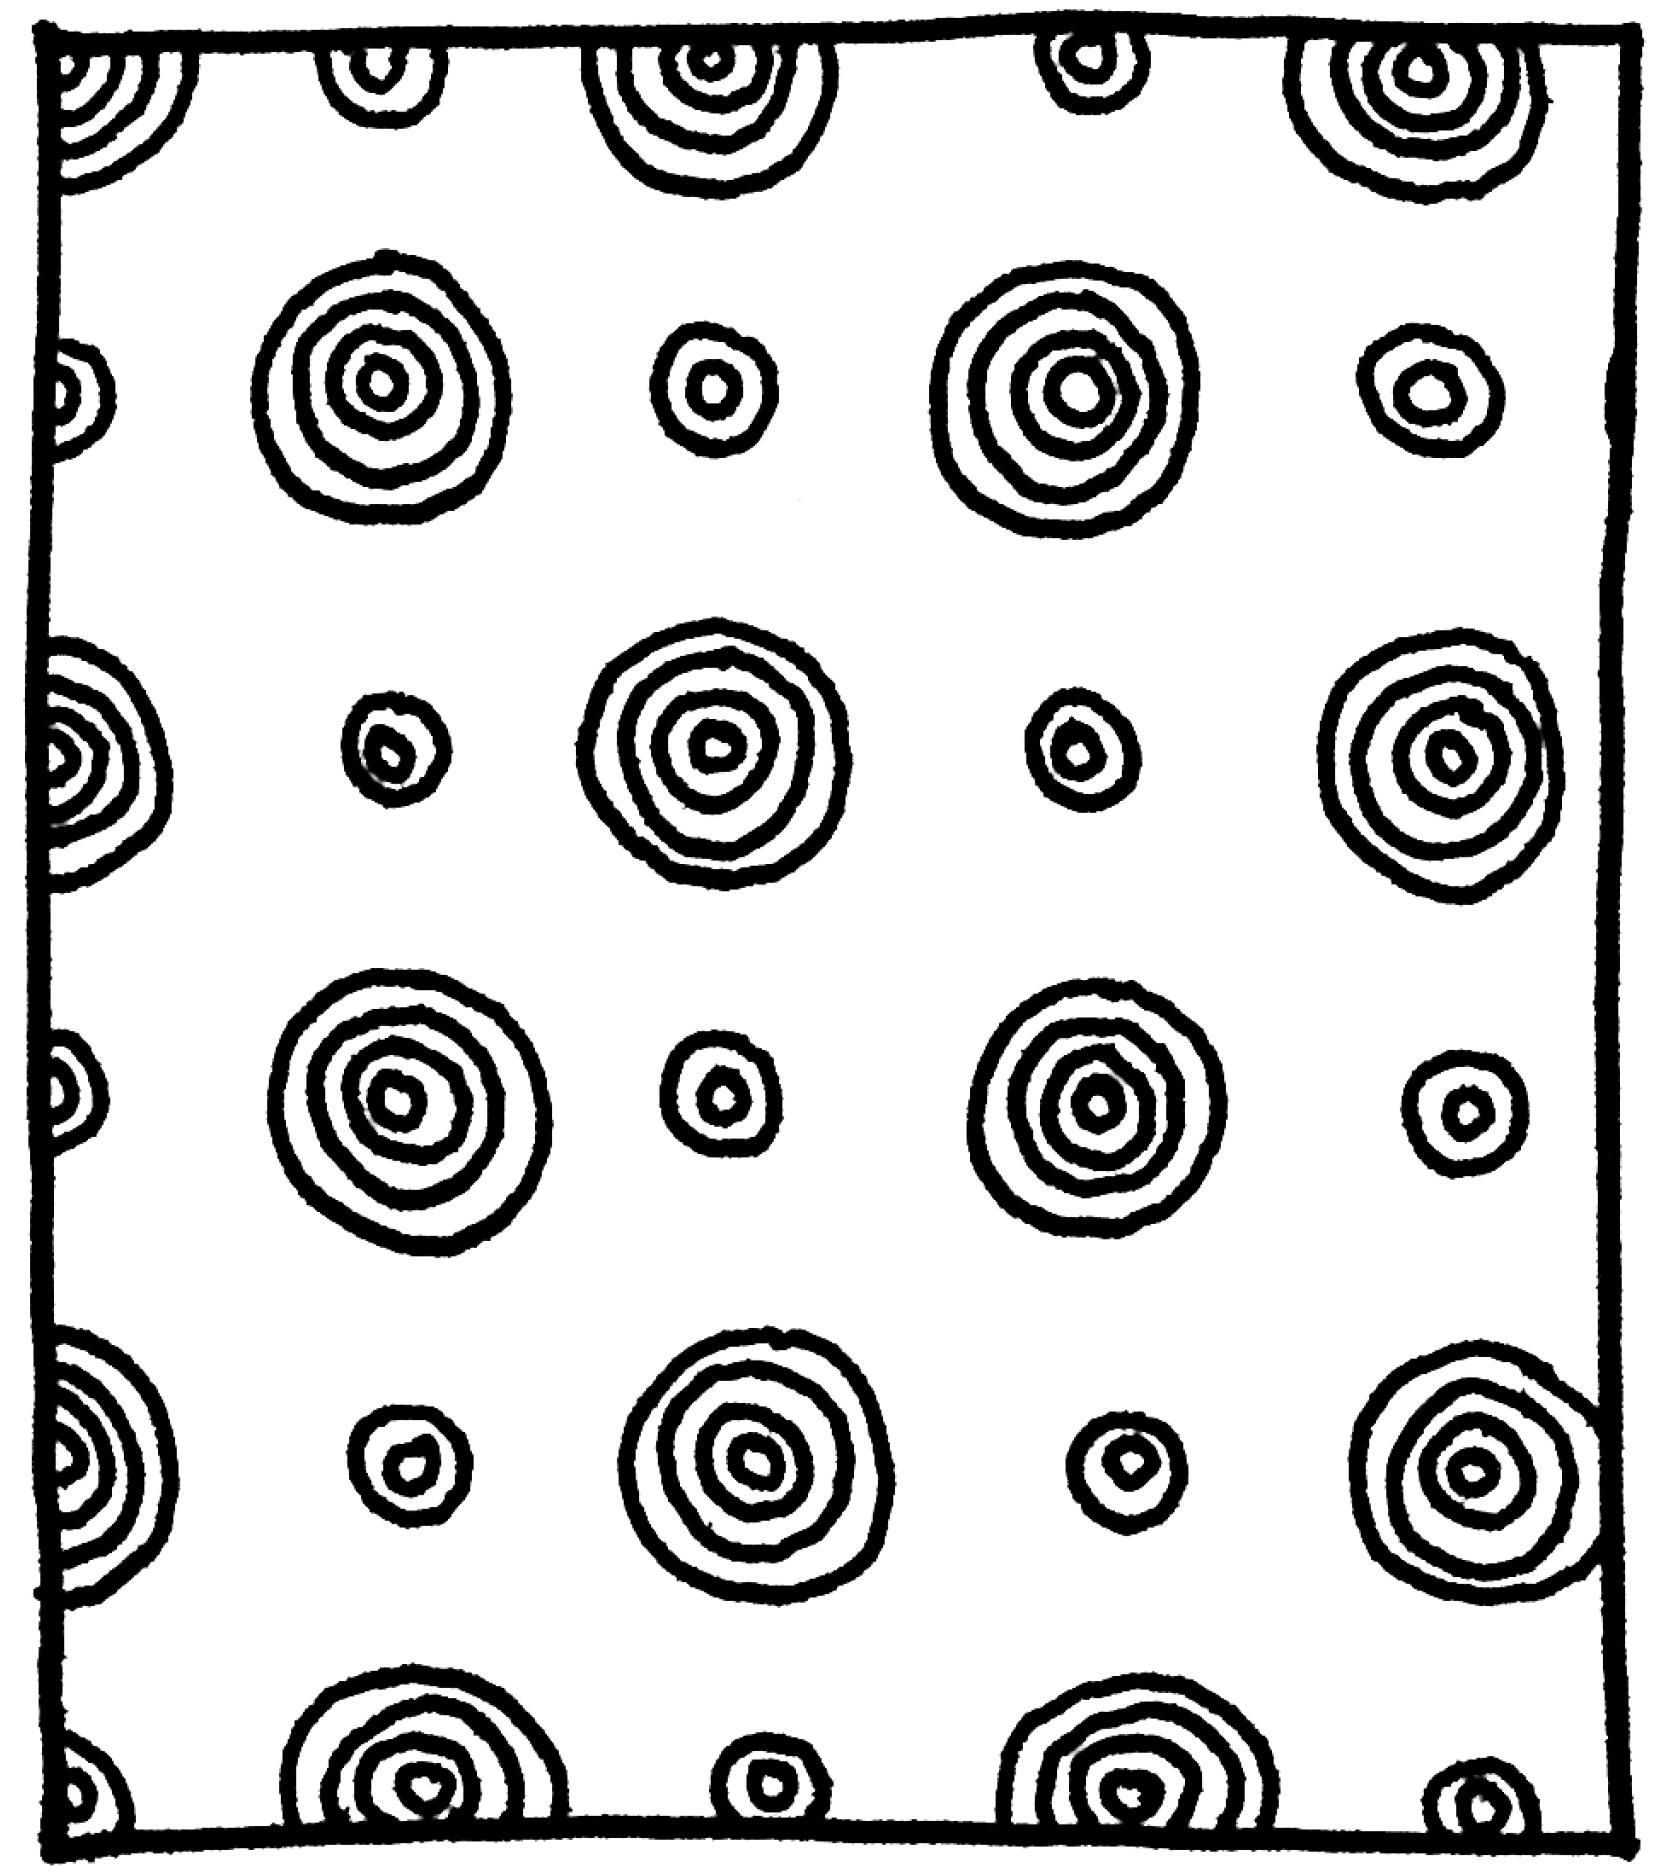 Valencia_patterns9.jpg